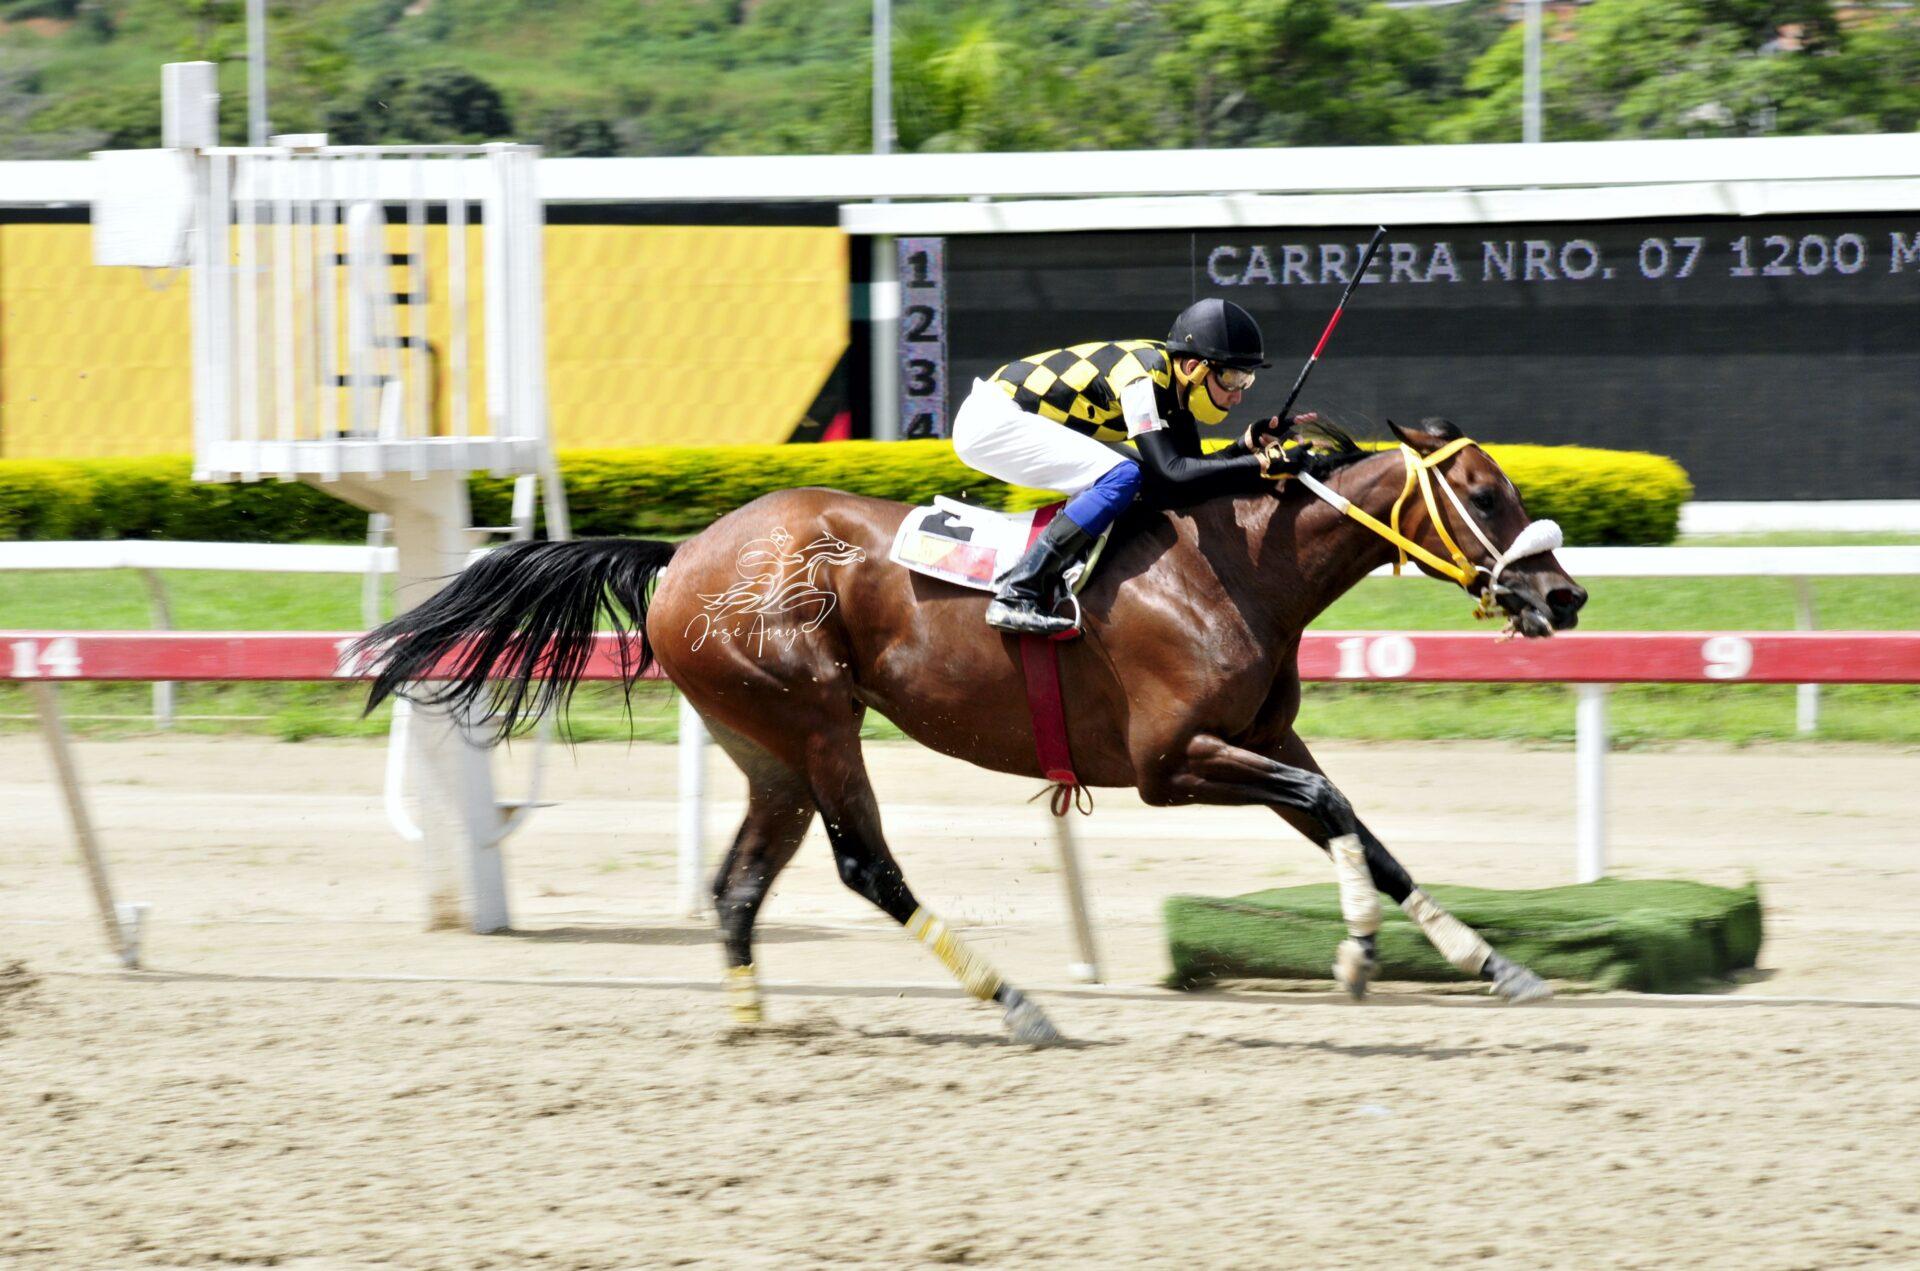 Mía Faustina, horse, Haras Oropal, Clásico Tapatapa, domingo, 29 de agosto de 2021, La Rinconada. Foto: José Antonio Aray